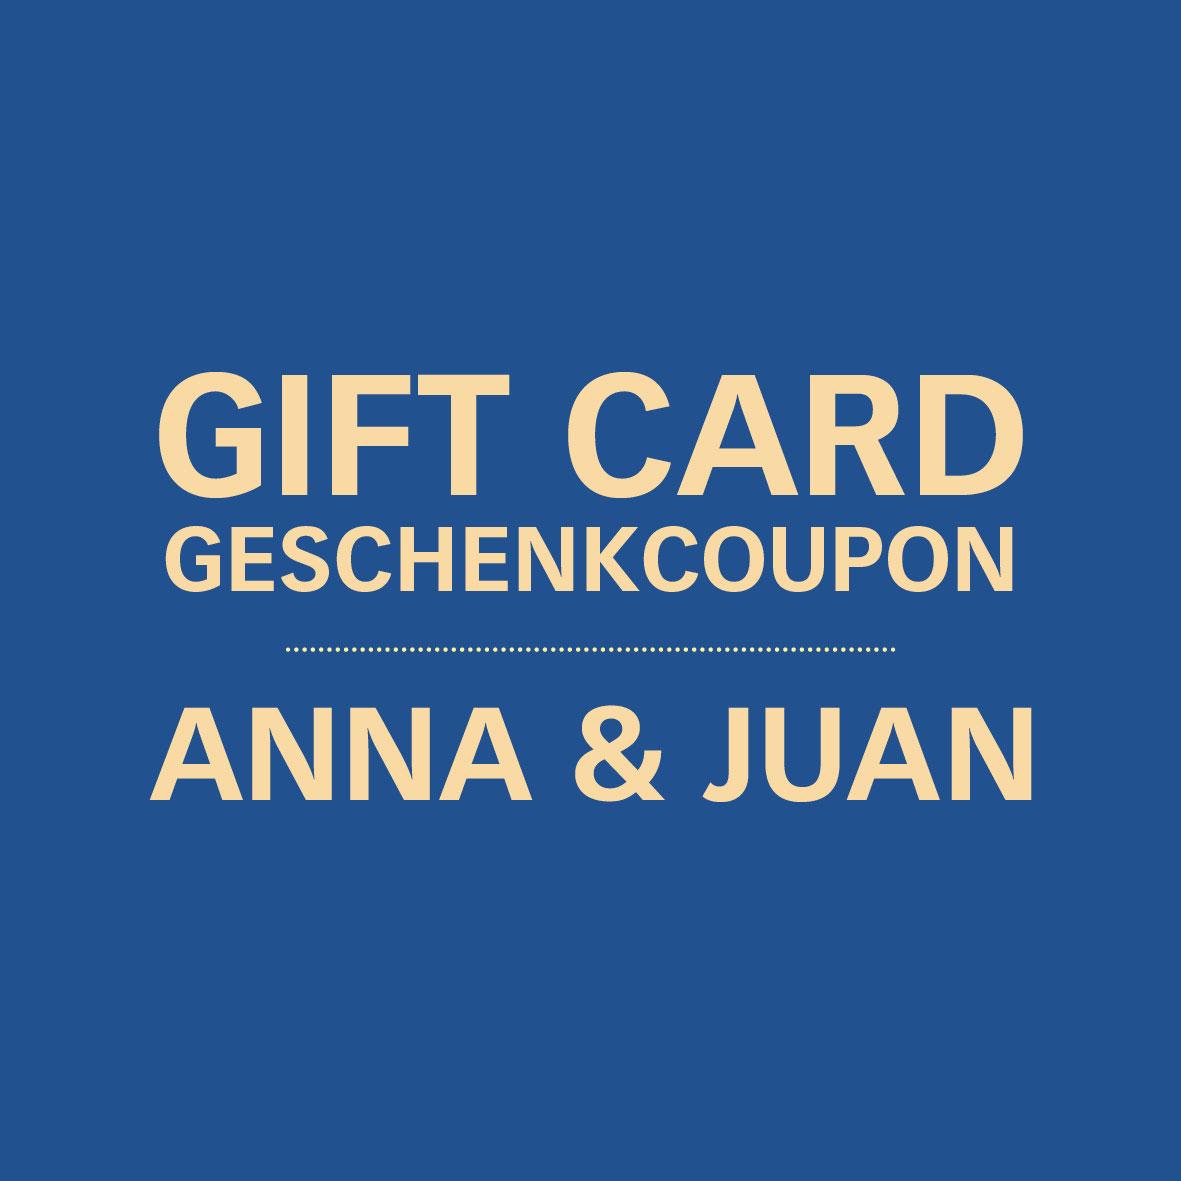 Anna & Juan – Geschenkcoupon